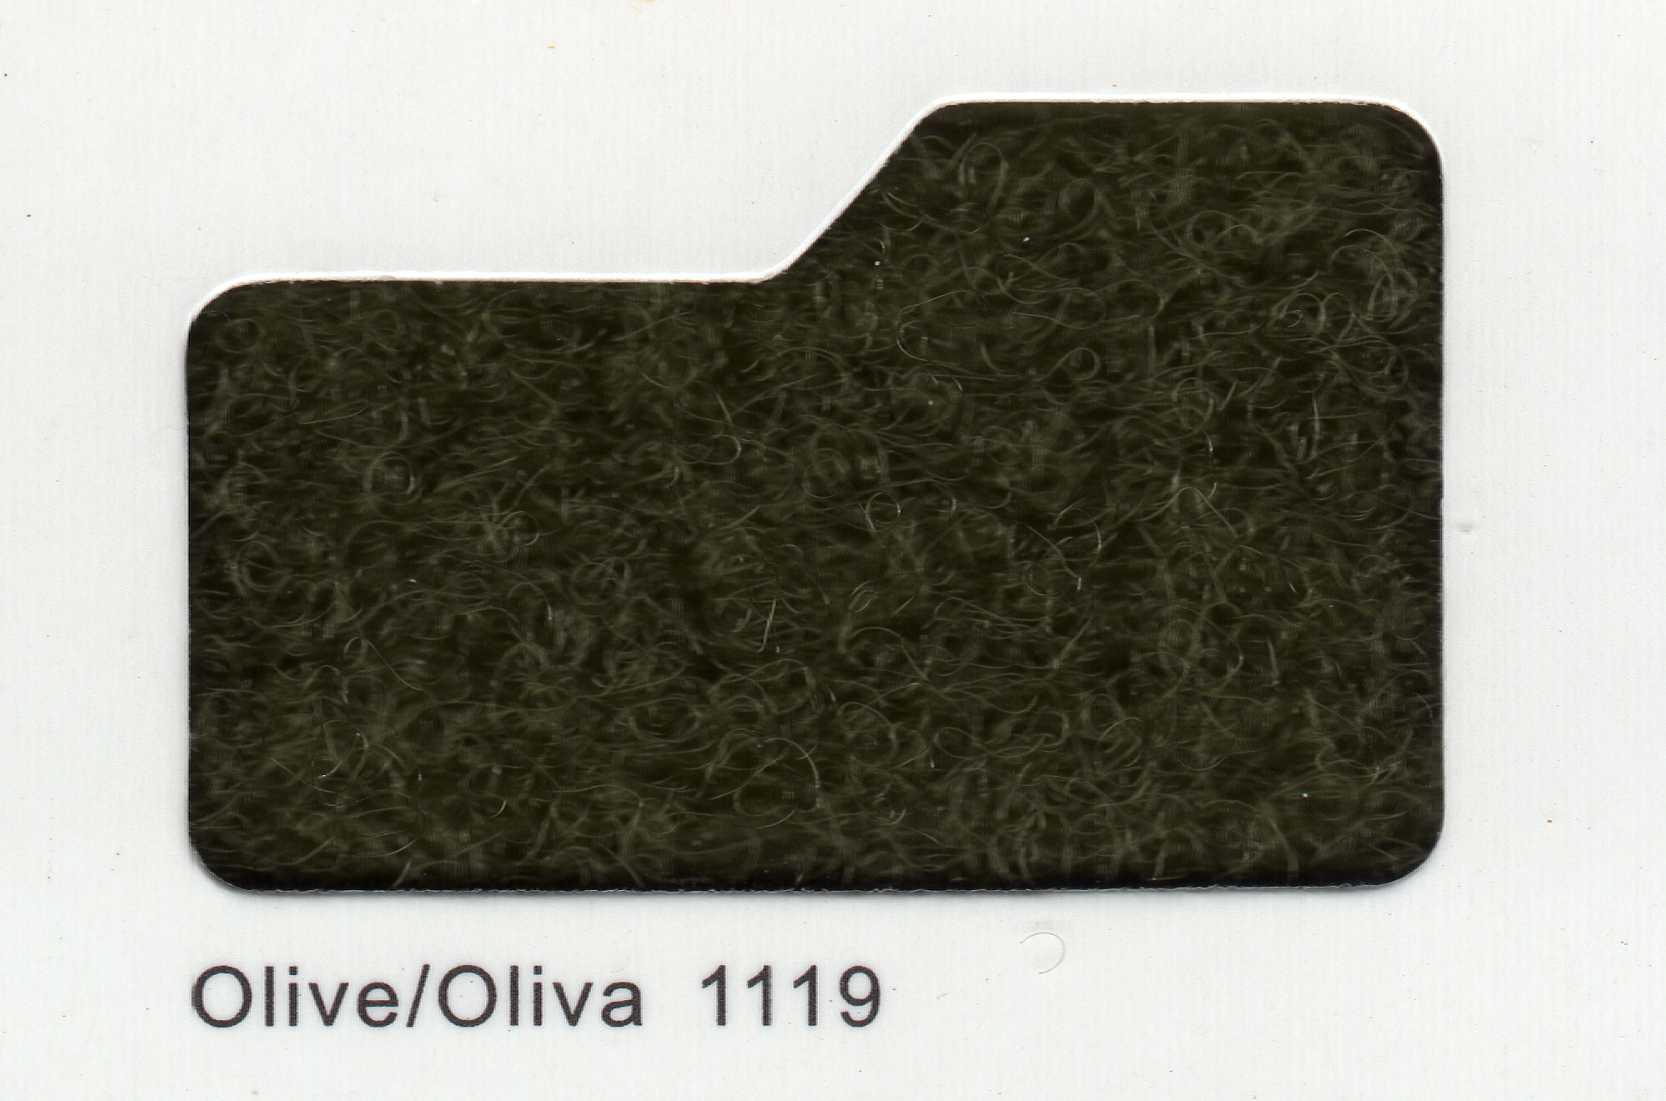 Cinta de cierre Velcro-Veraco 100mm Oliva 1119 (Gancho).